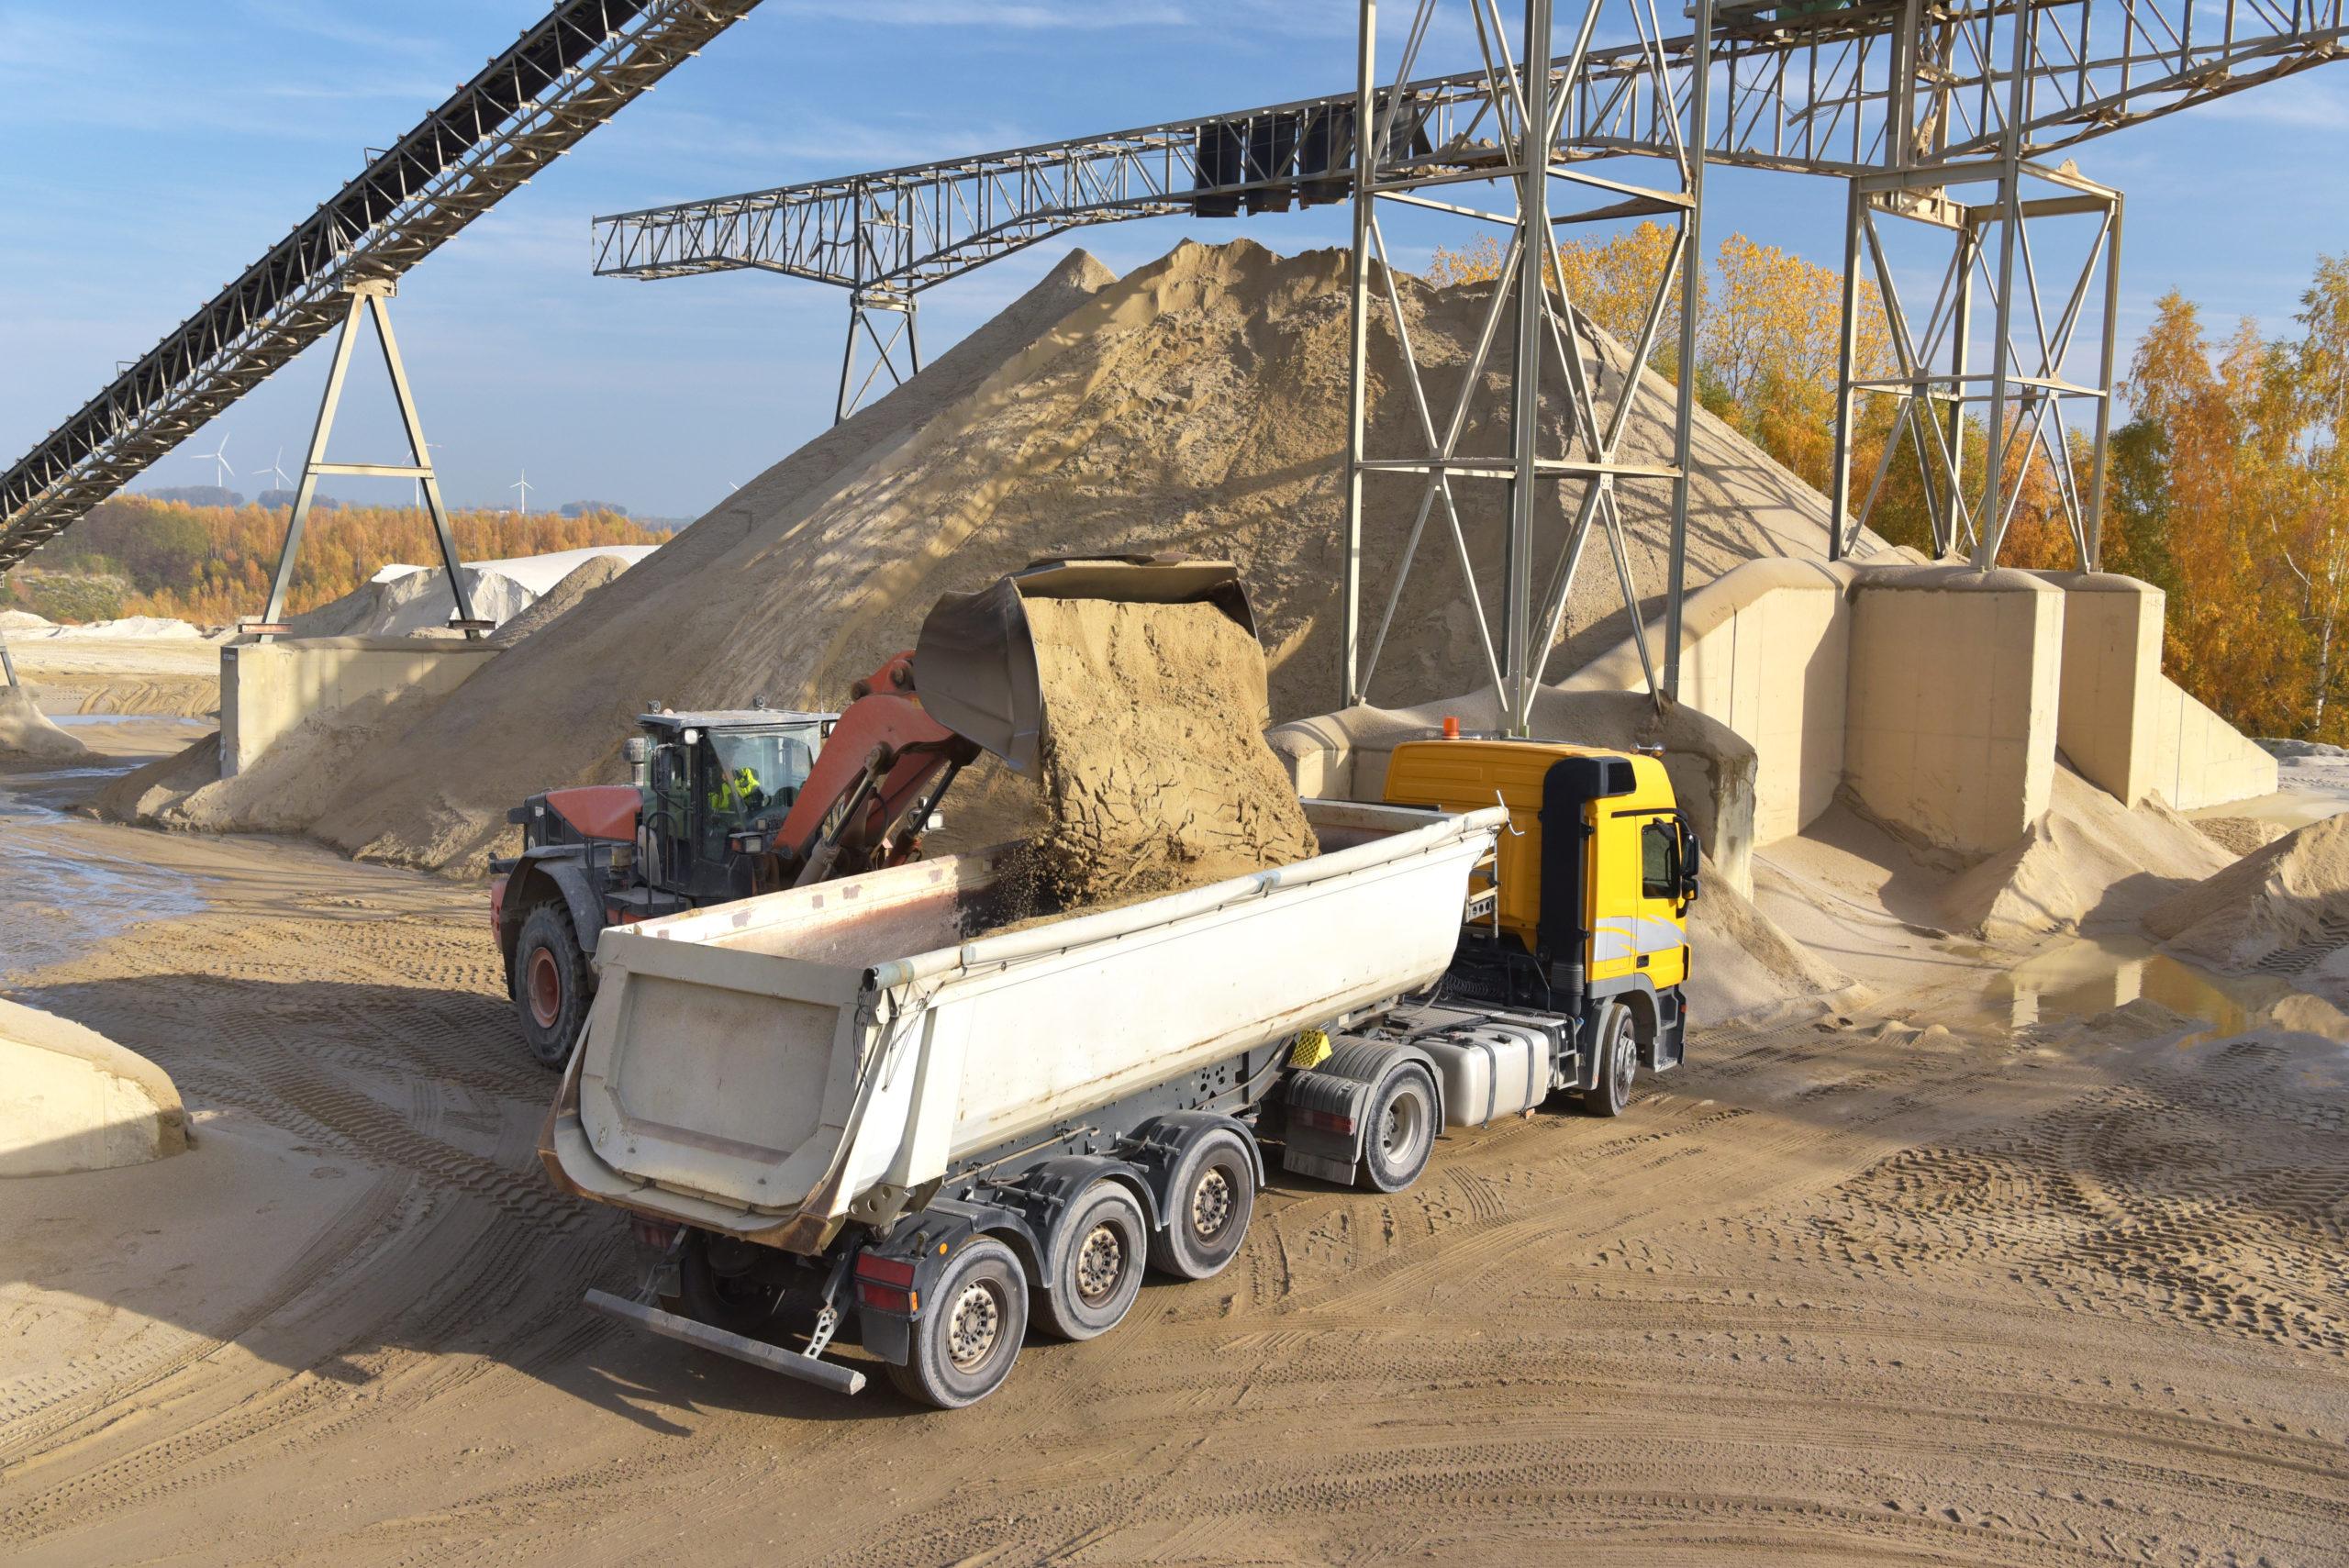 Radlader belädt LKW mit Kies für Straßenbau - Abbau von Sand & Kies in einem Kieswerk/ Tagebau //// Mining sand in a gravel plant